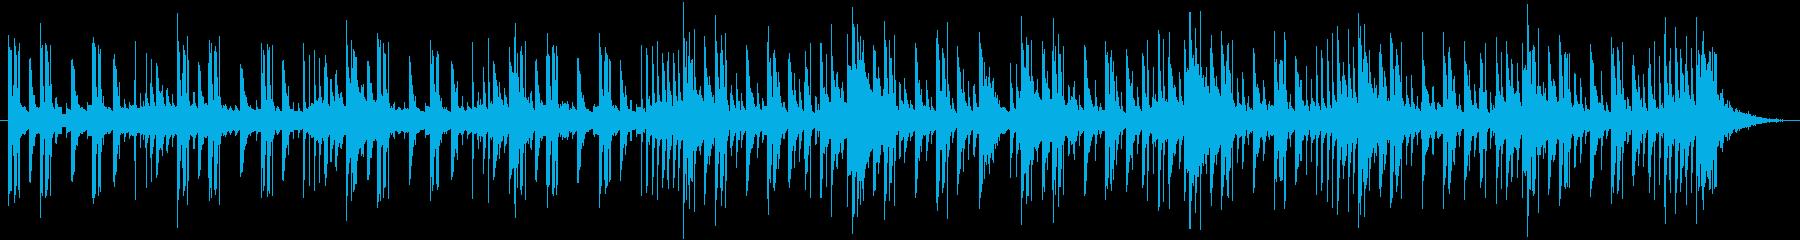 グルーブ14ファンキーパターン、ミ...の再生済みの波形